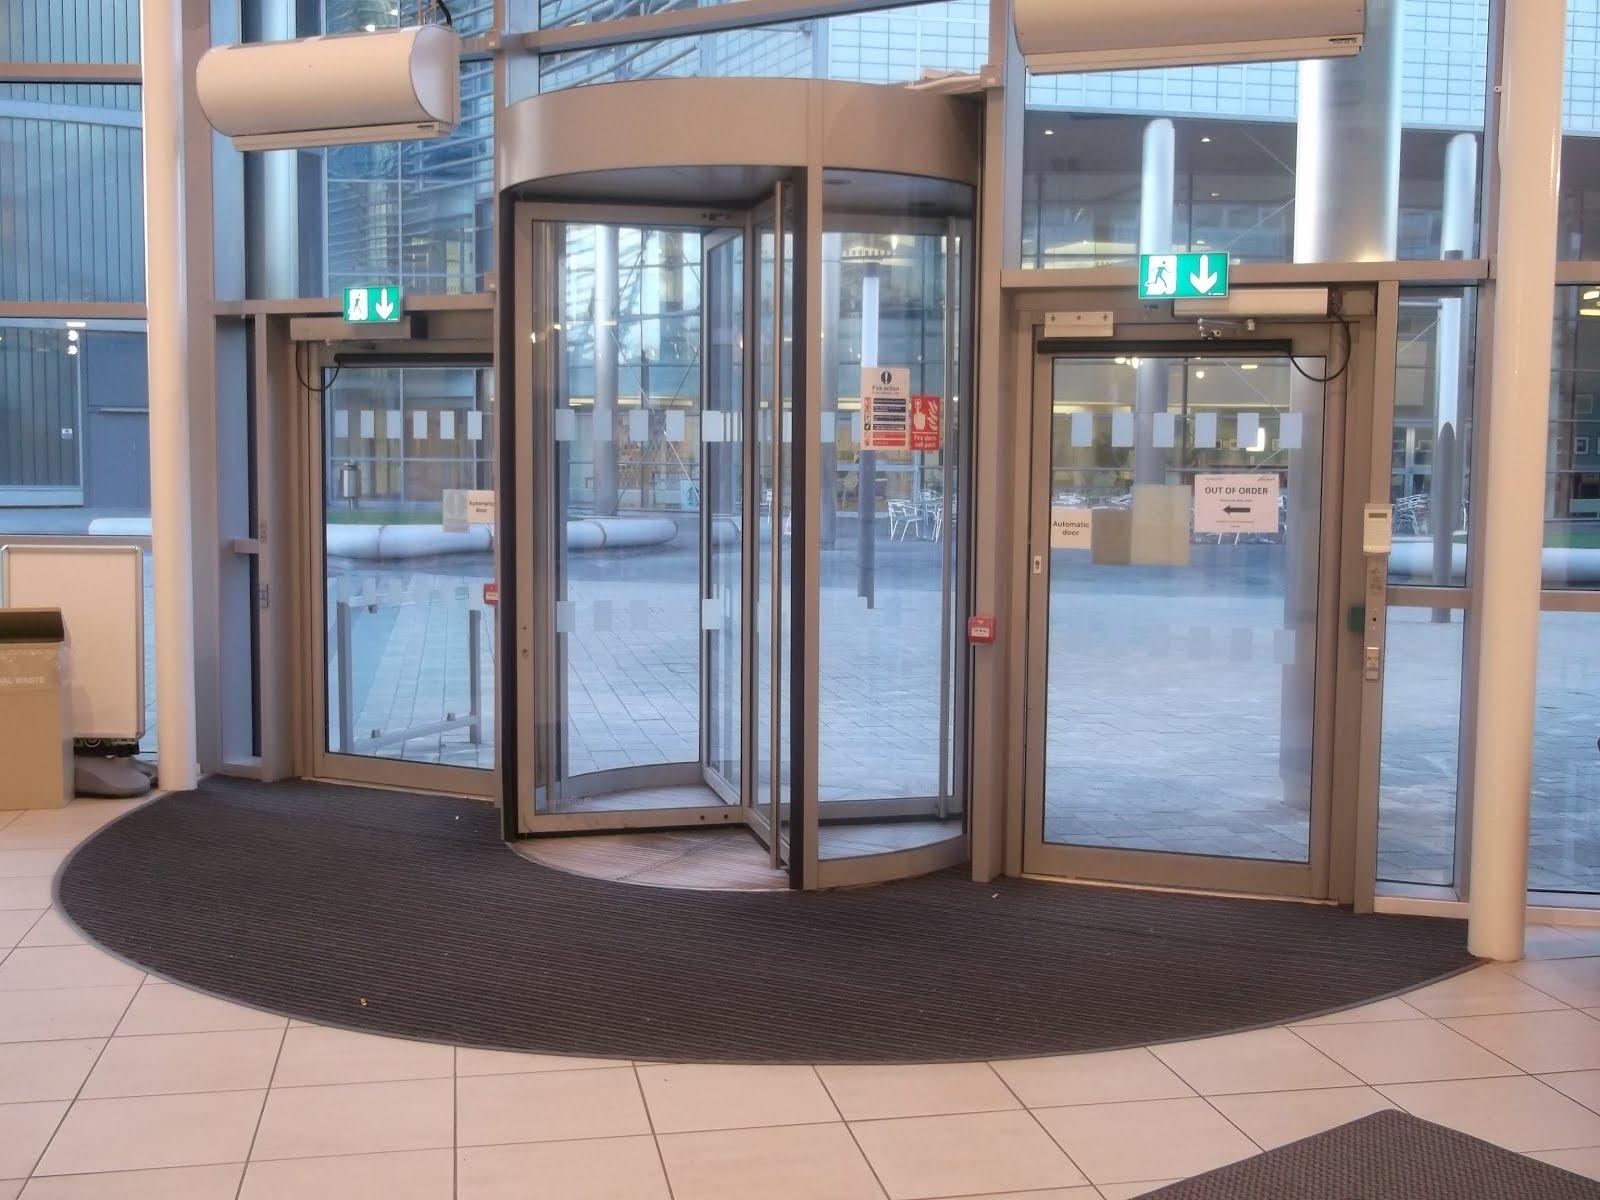 Click Here for Todo lo que quieres saber sobre puertas automatizadas